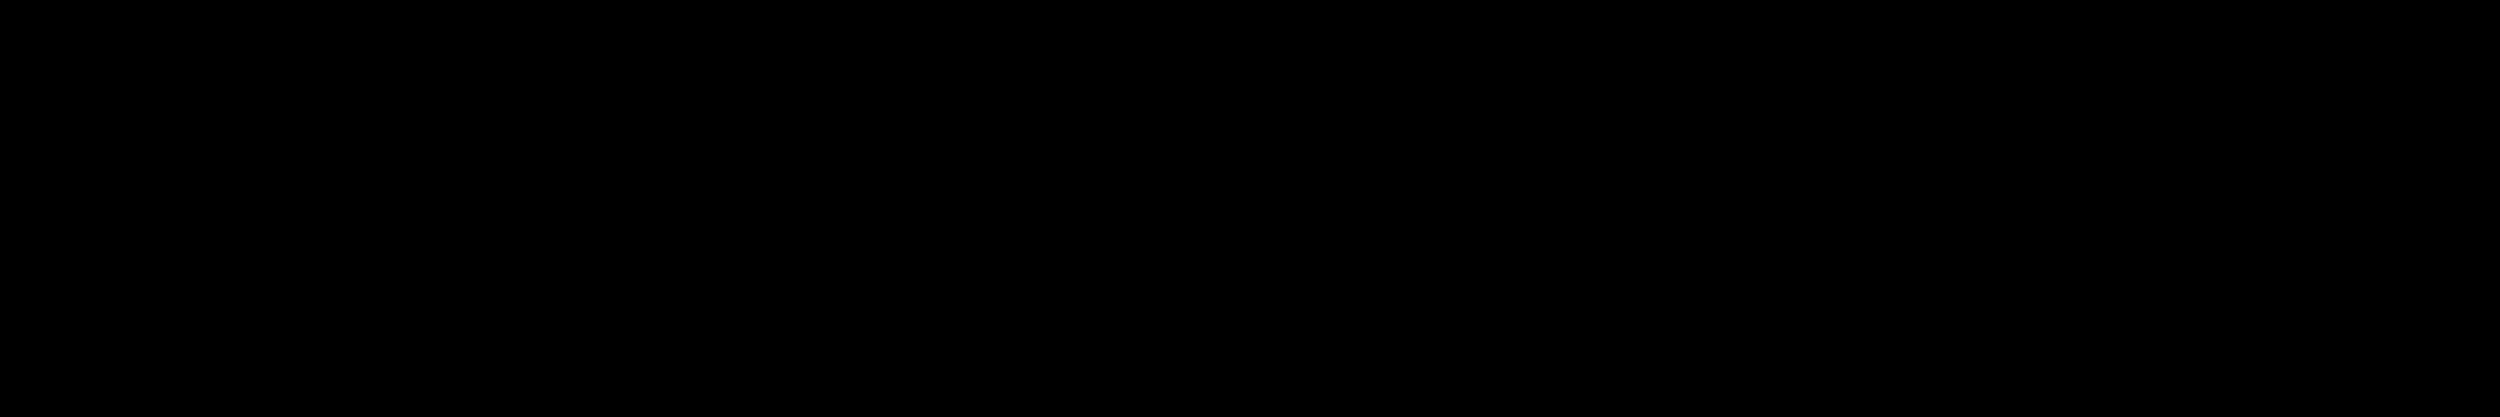 T-MOBILE_LOGO_BLACK.png